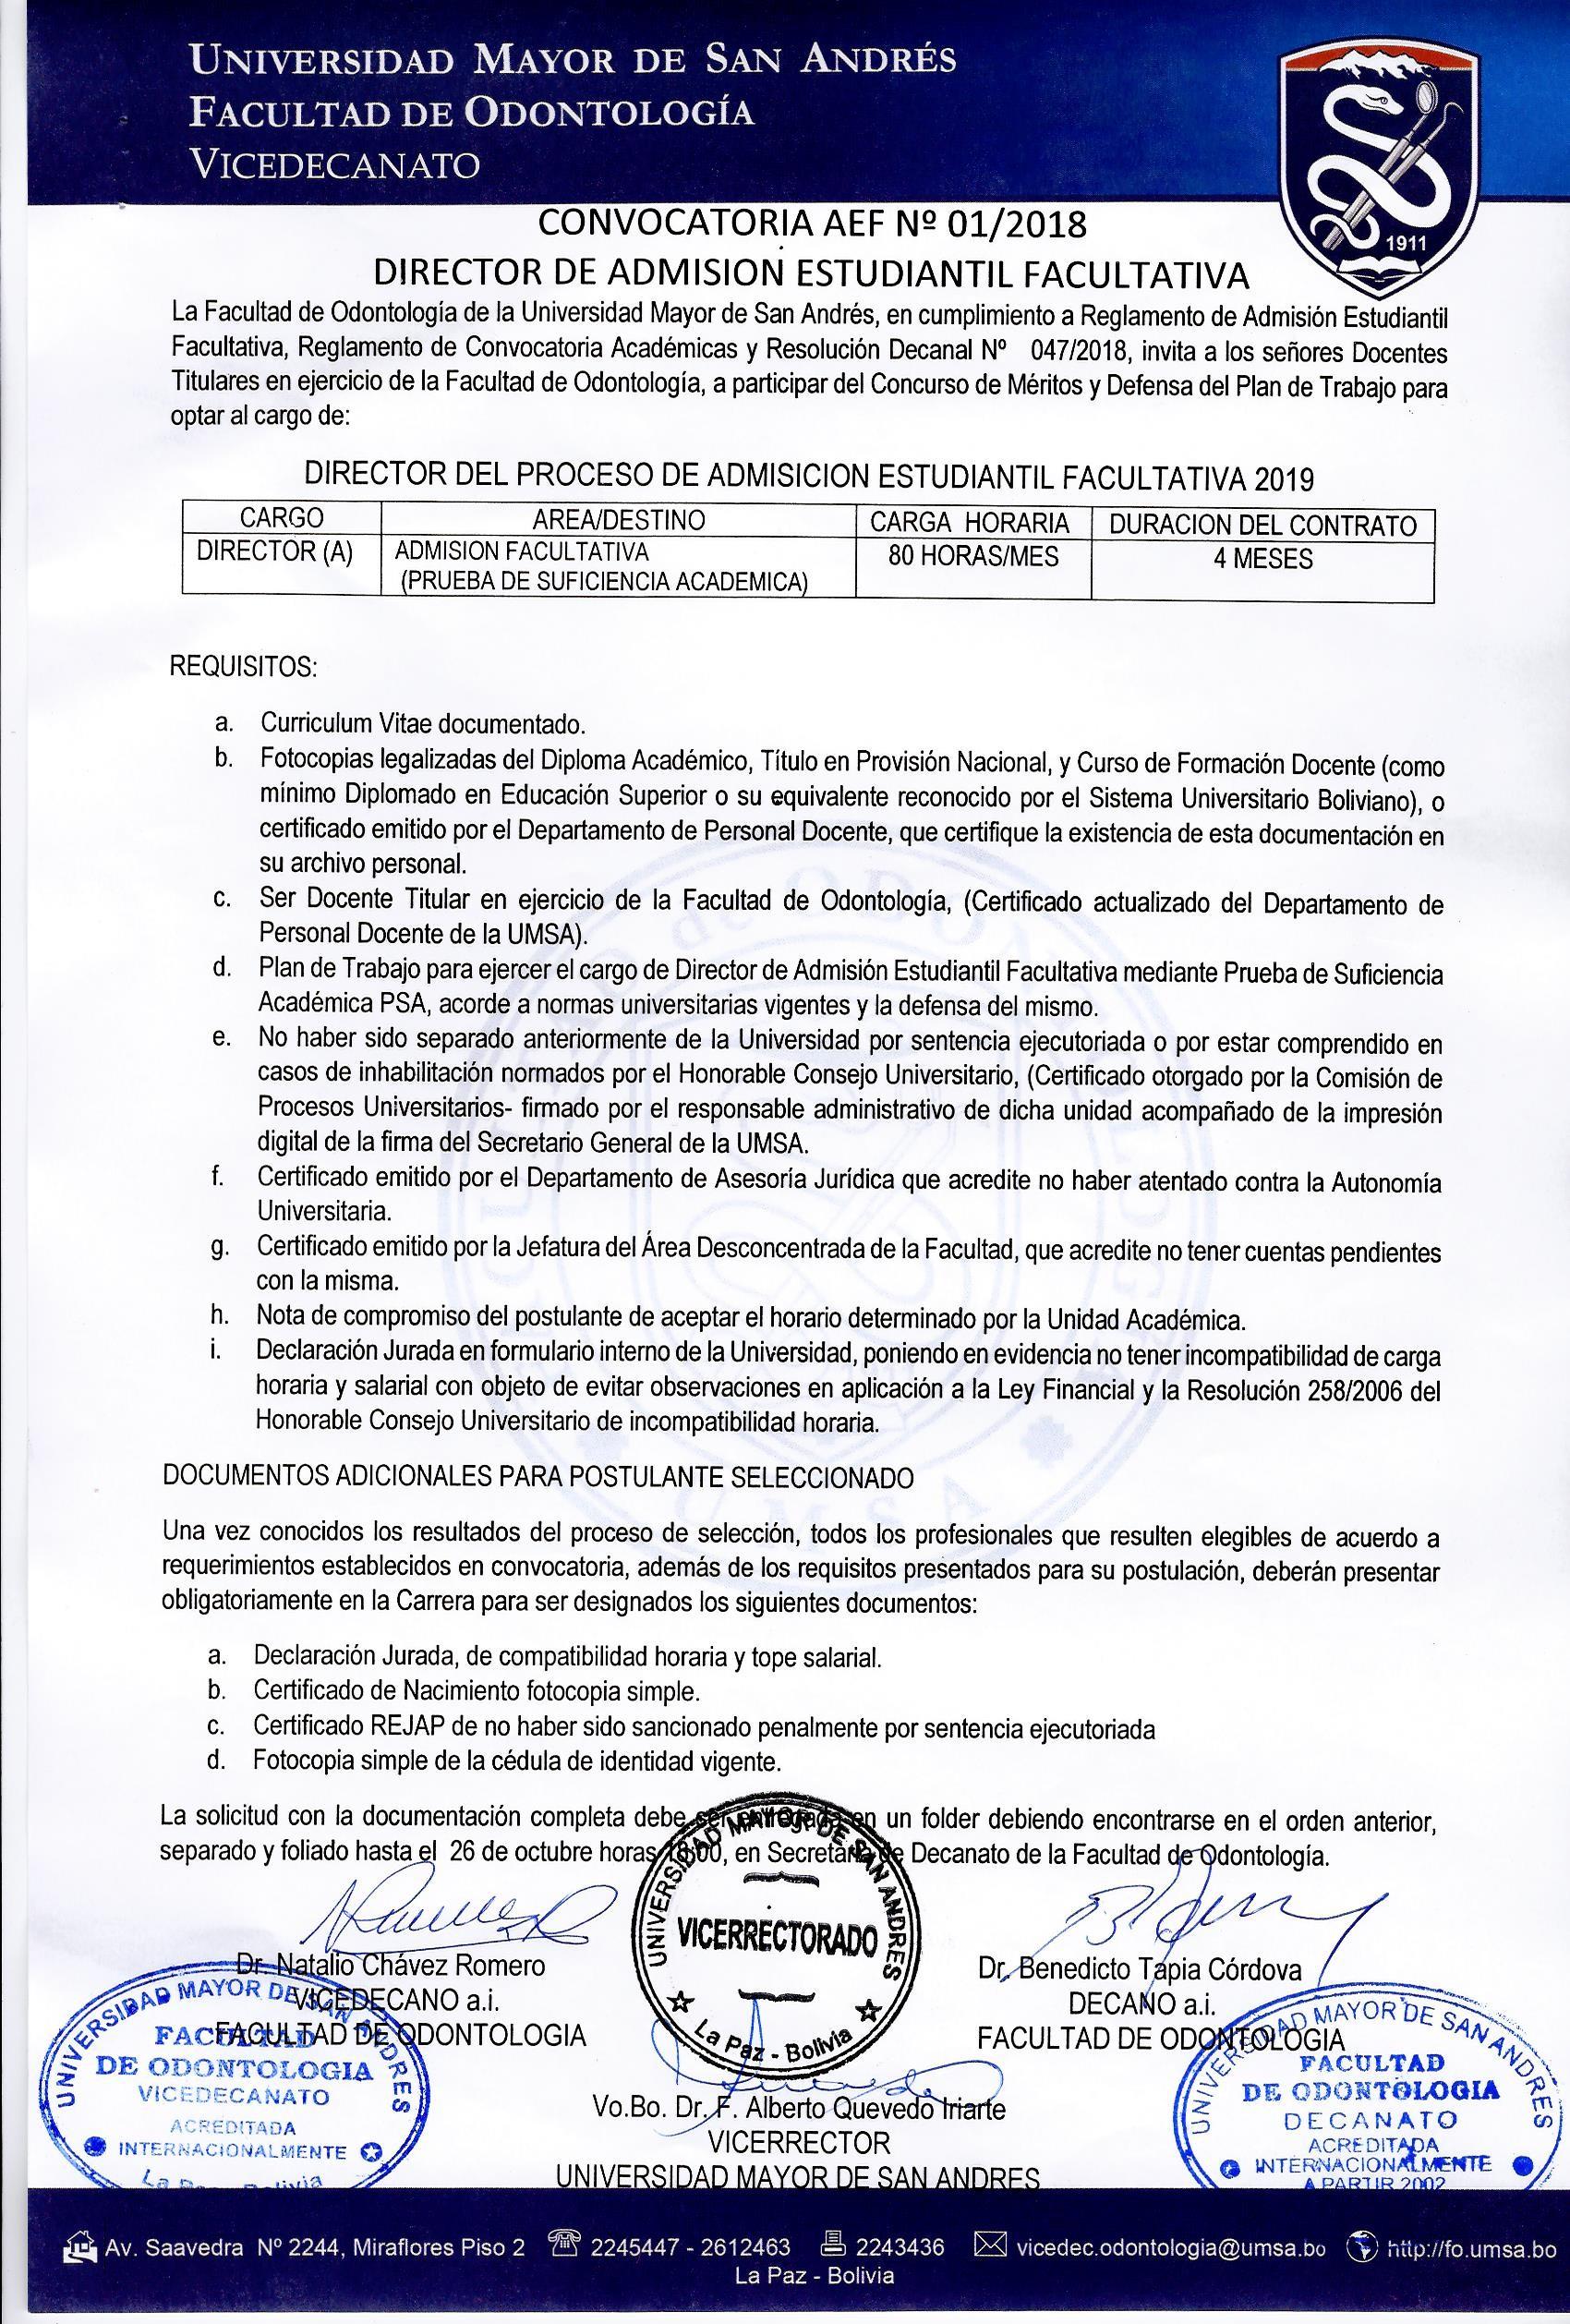 CONVOCATORIA AEF Nº 01 2018 DIRECTOR DE ADMISION ESTUDIANTIL FACULTATIVA